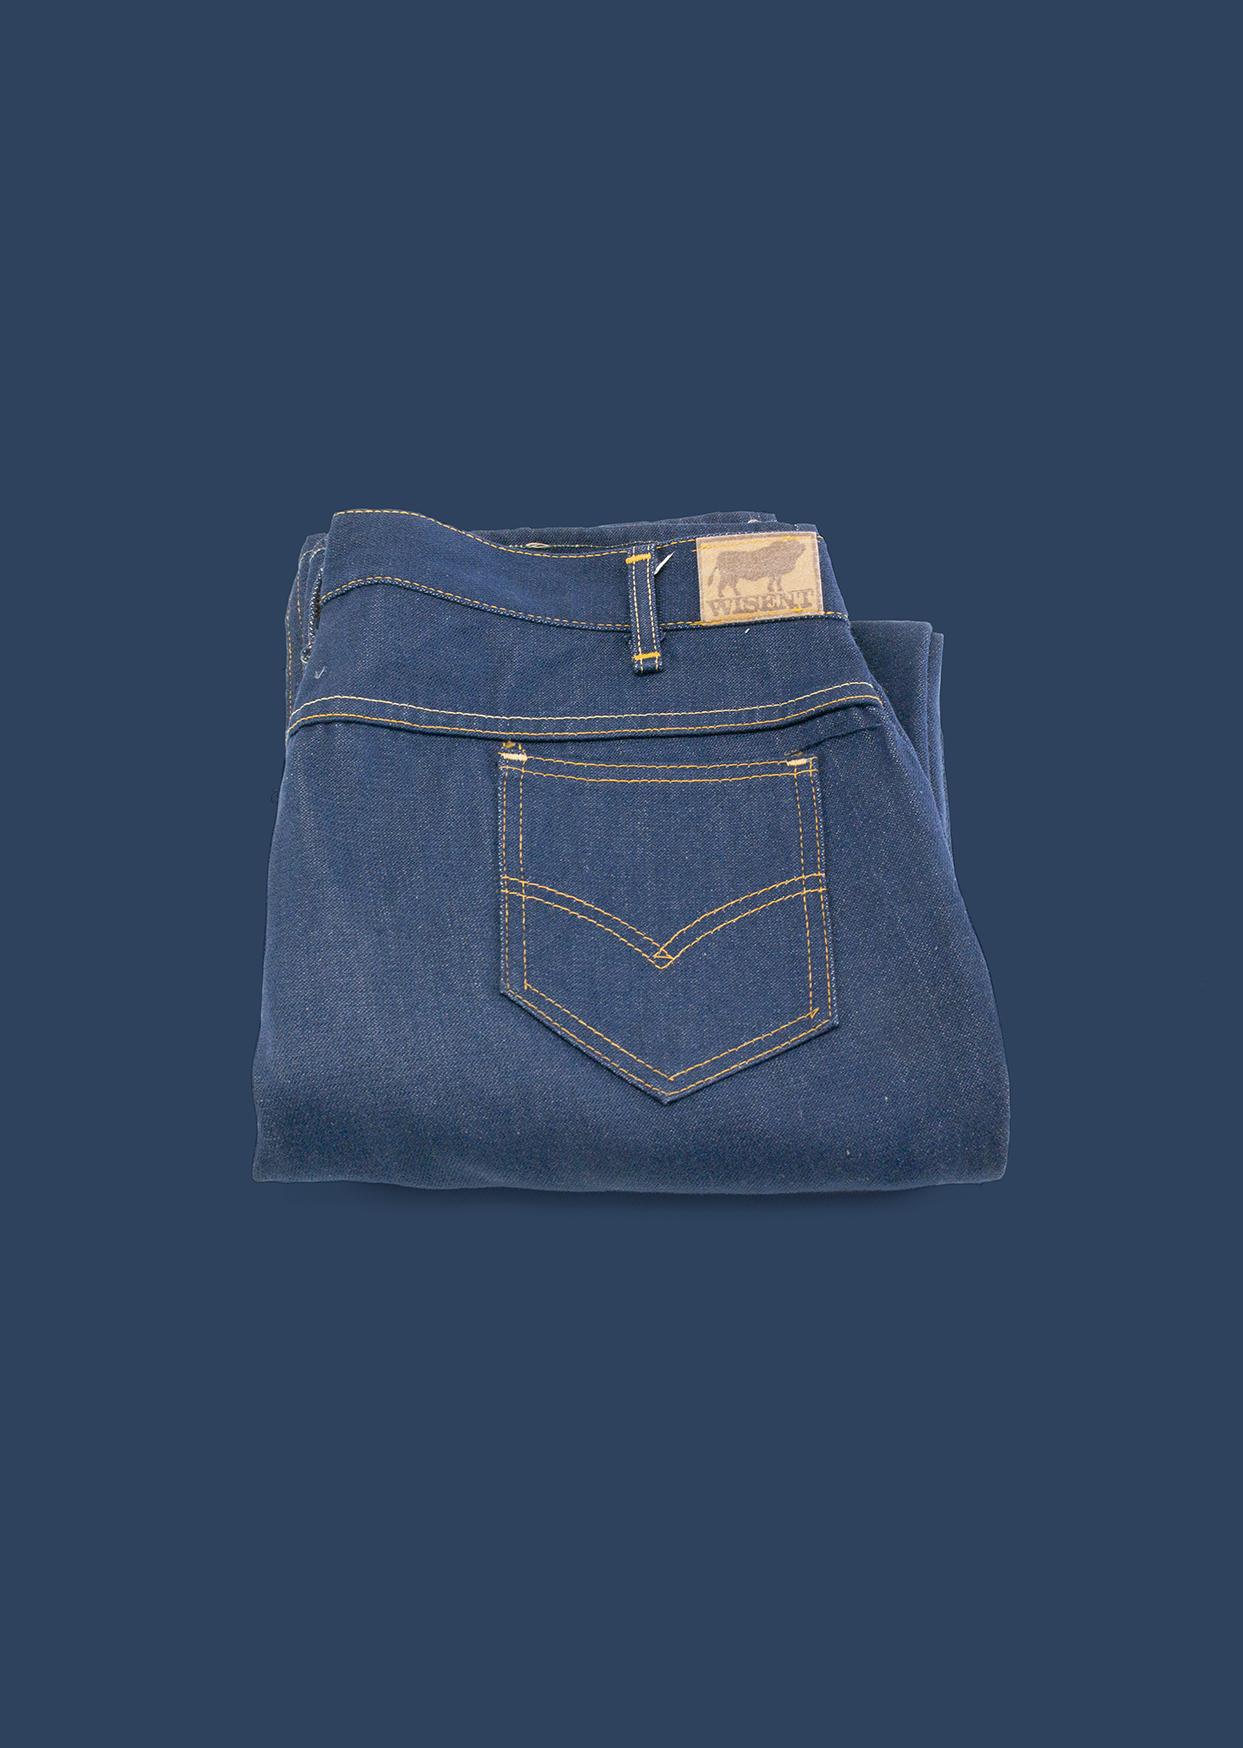 Ziemlich unbeliebt: Jeans aus DDR-Produktion. Foto: DDR Museum, Berlin 2020